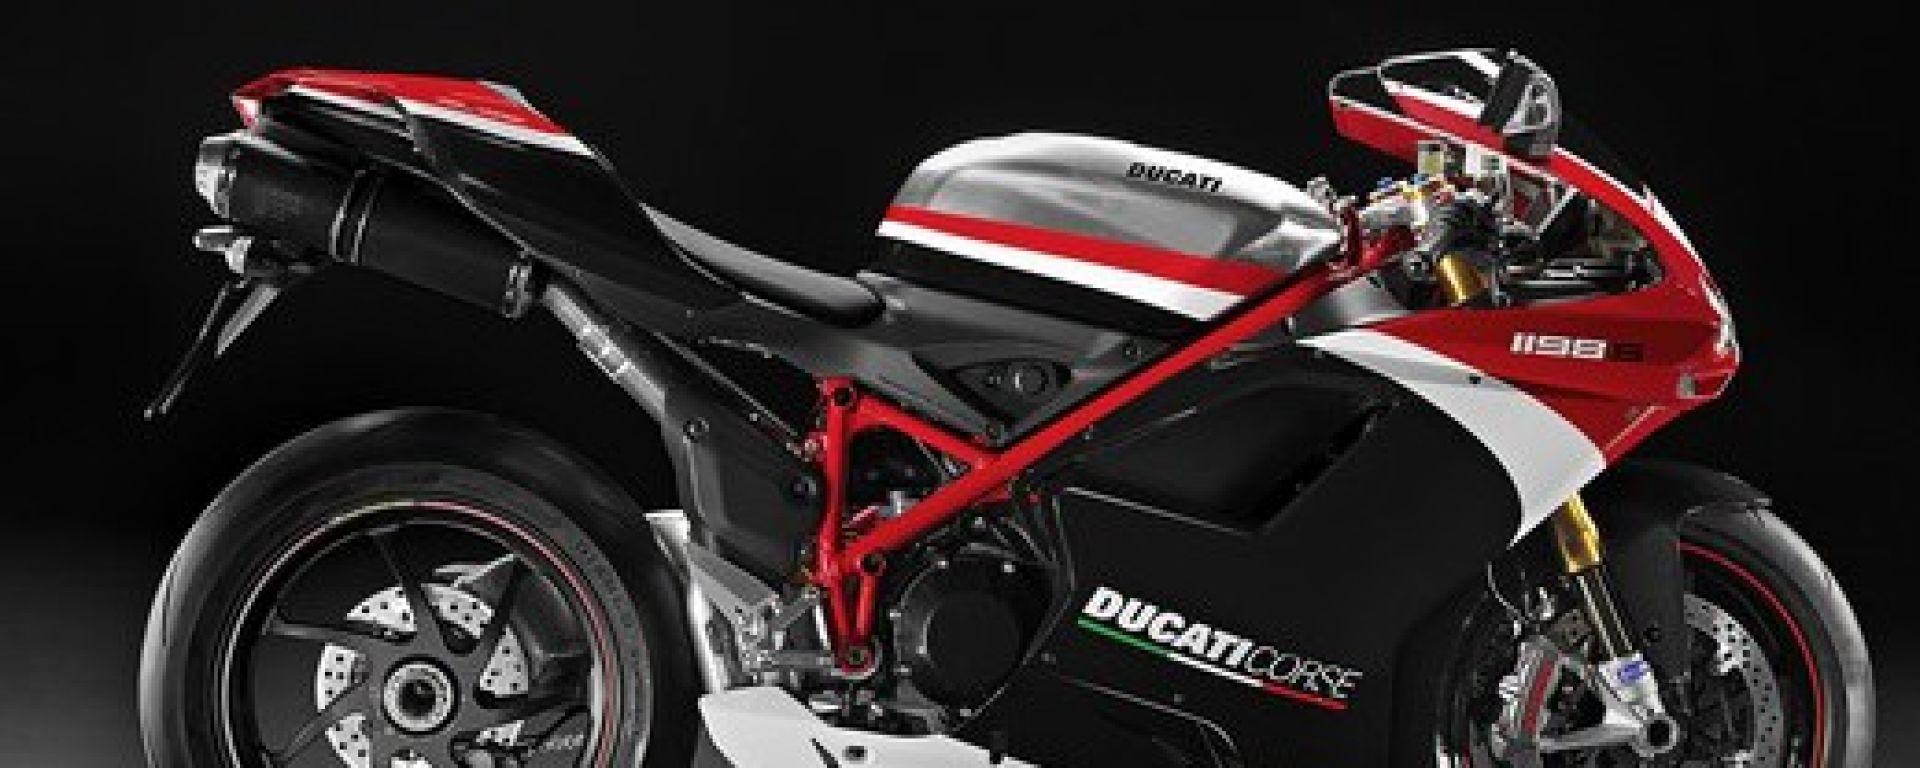 Ducati 1198 SE